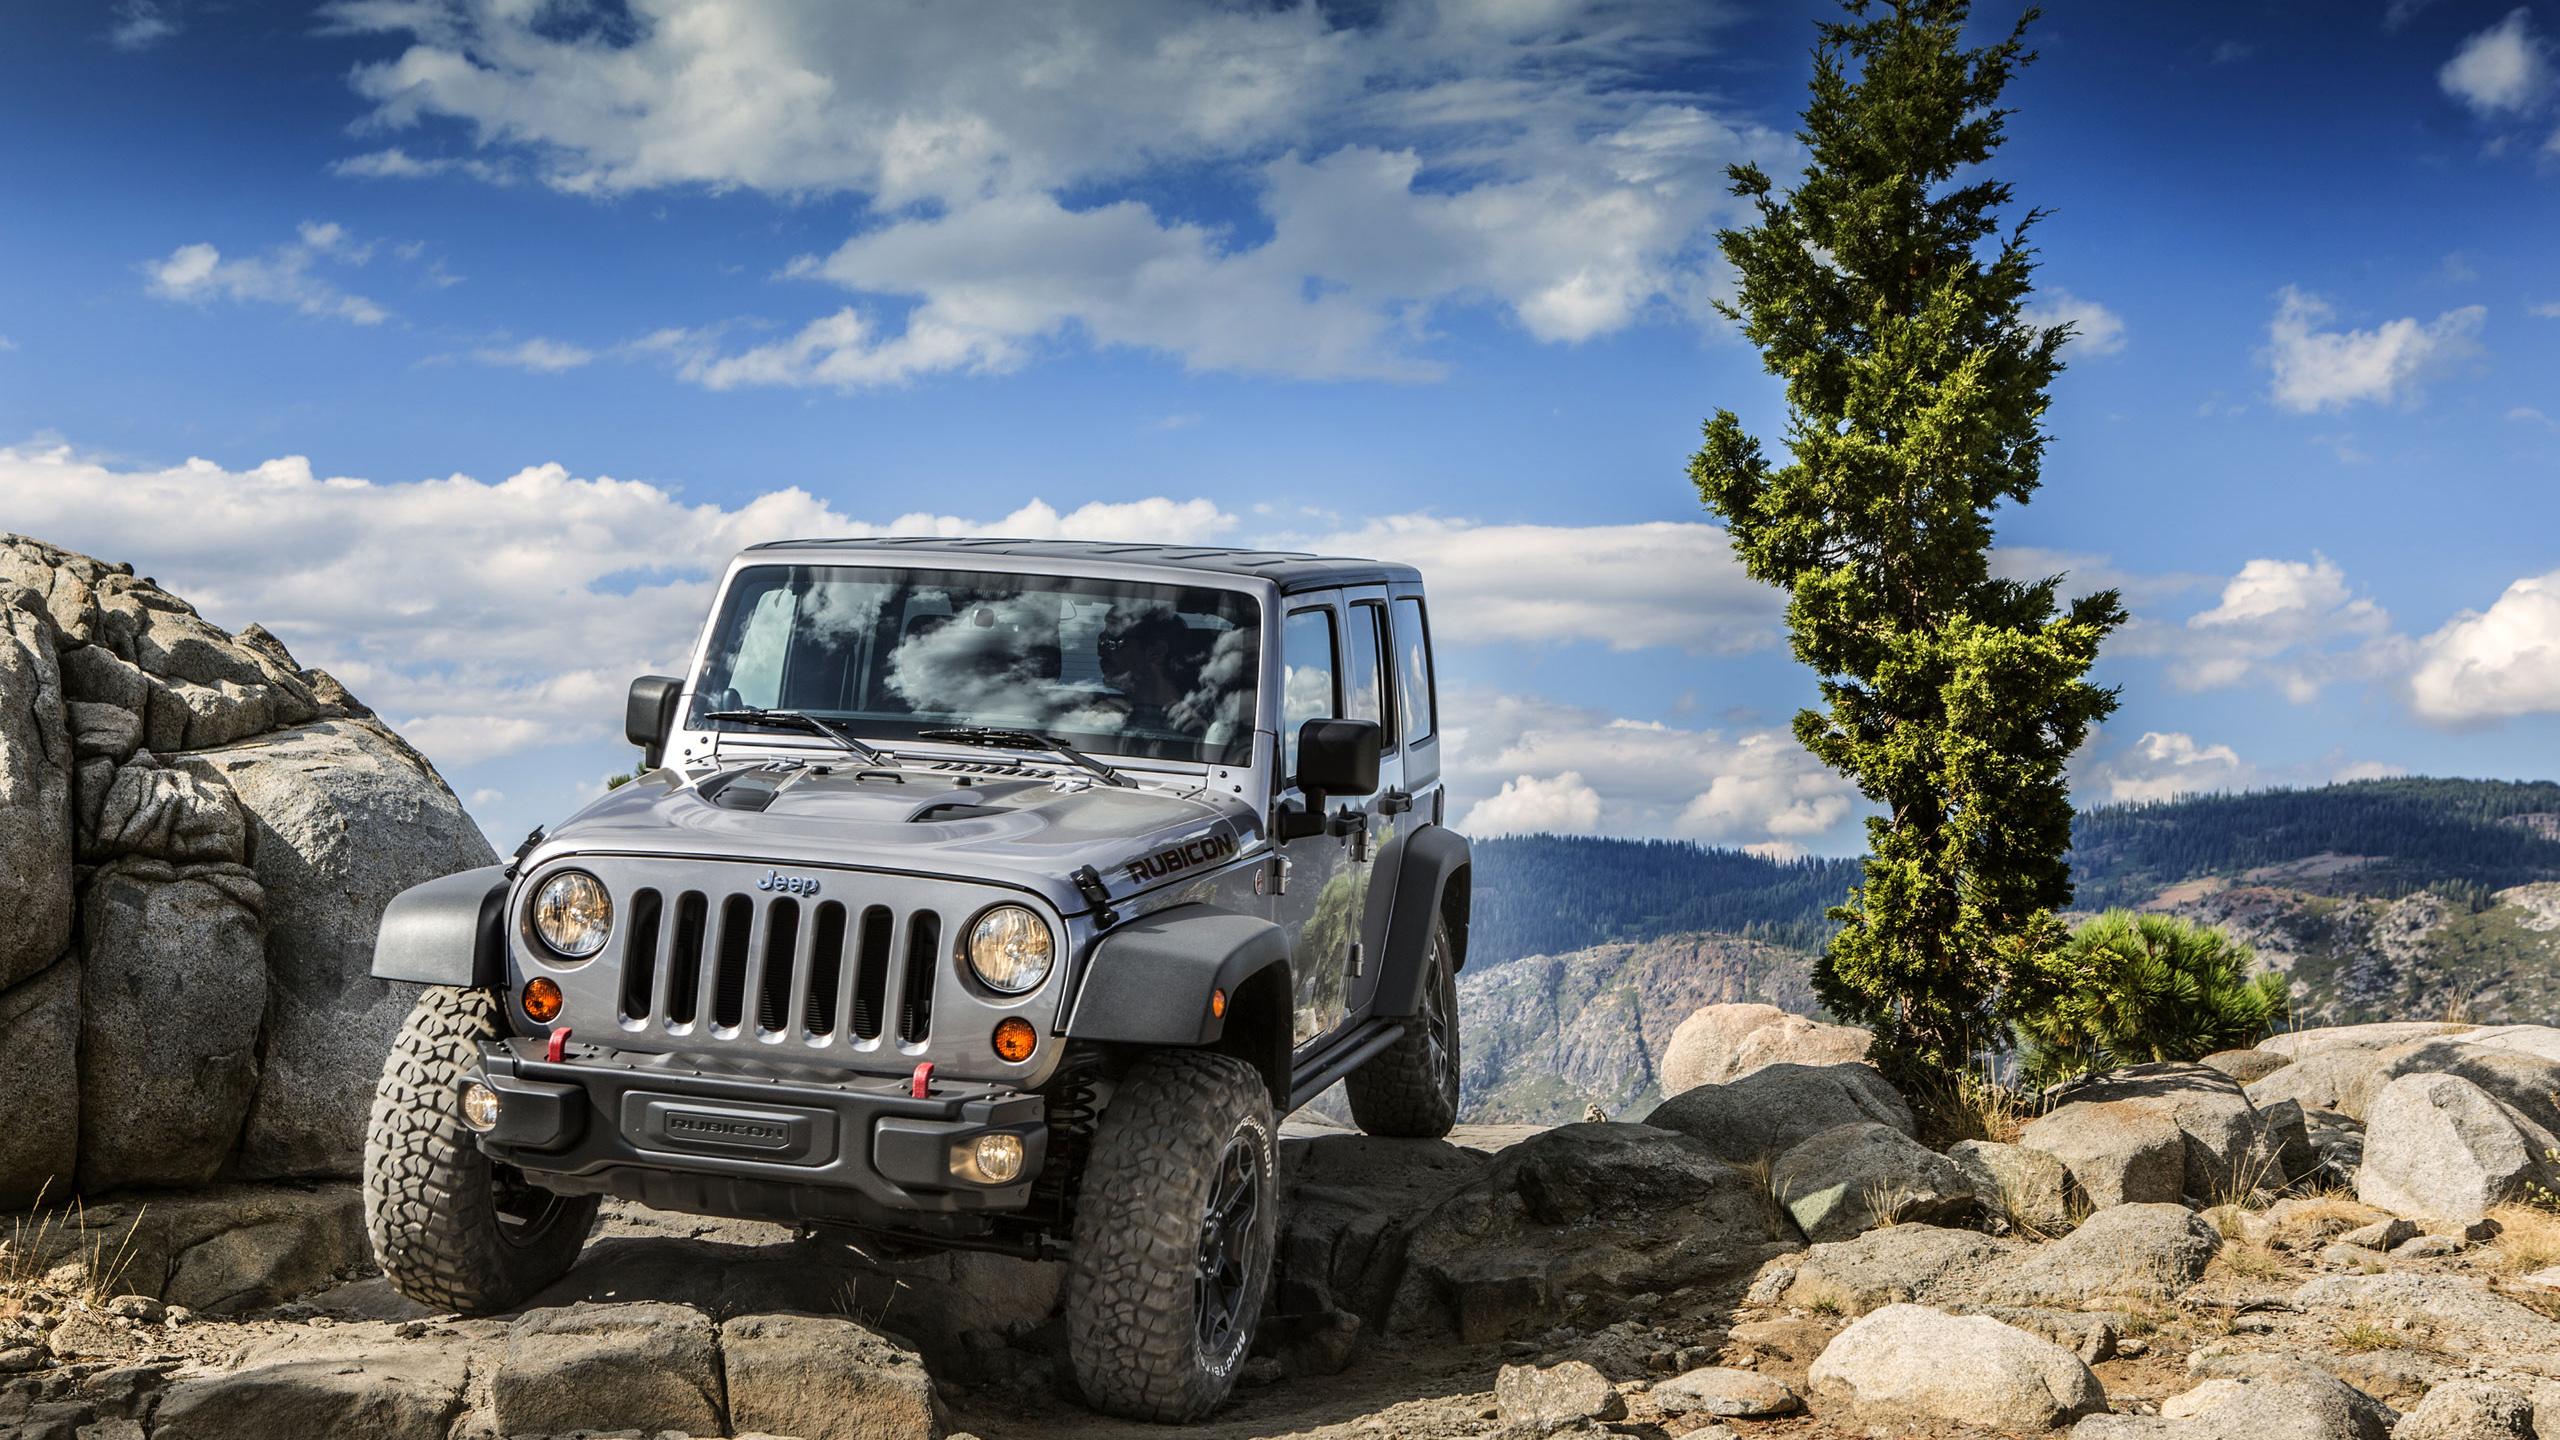 2013 Jeep Wrangler Rubicon 10th Anniversary Edition Wallpaper HD Car 2560x1440